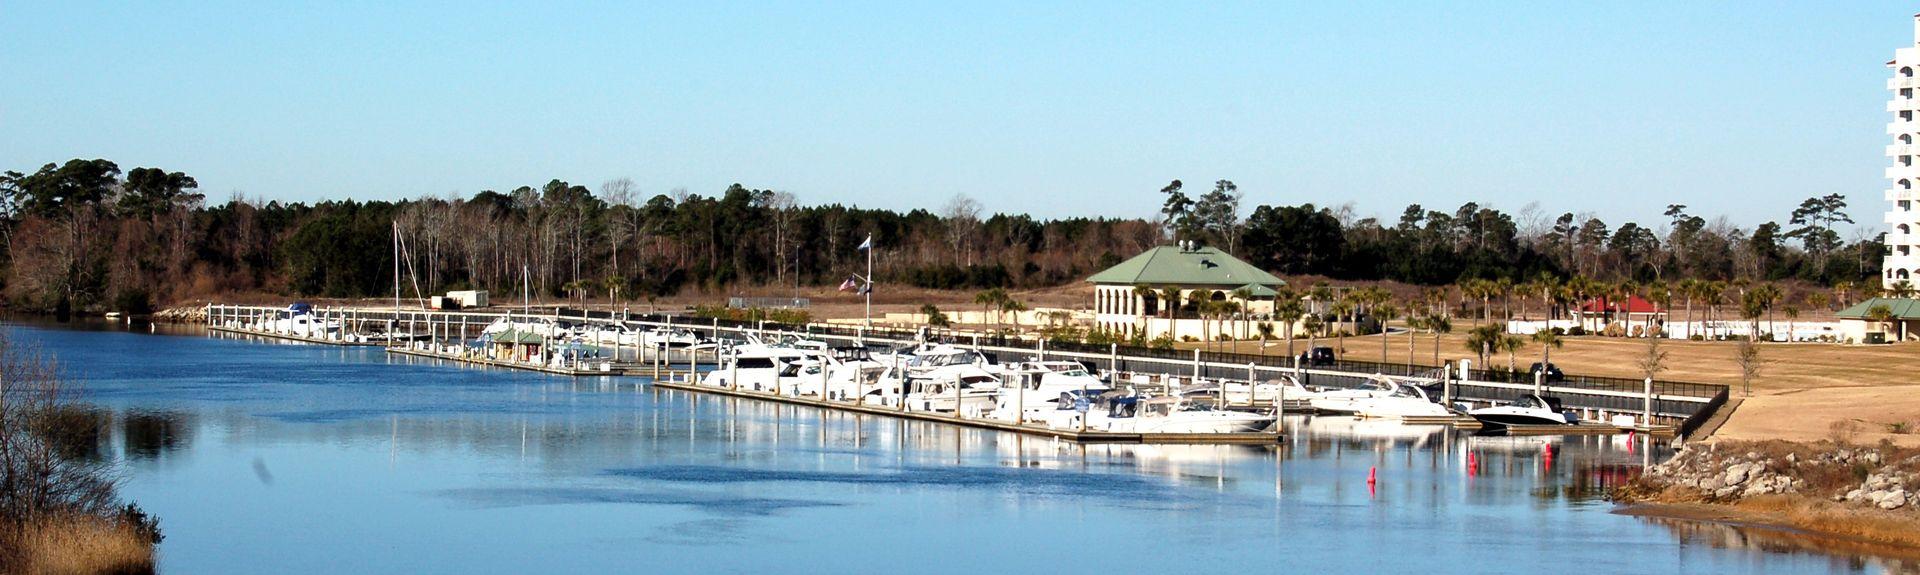 Willow Bend (North Myrtle Beach, Caroline du Sud, États-Unis d'Amérique)